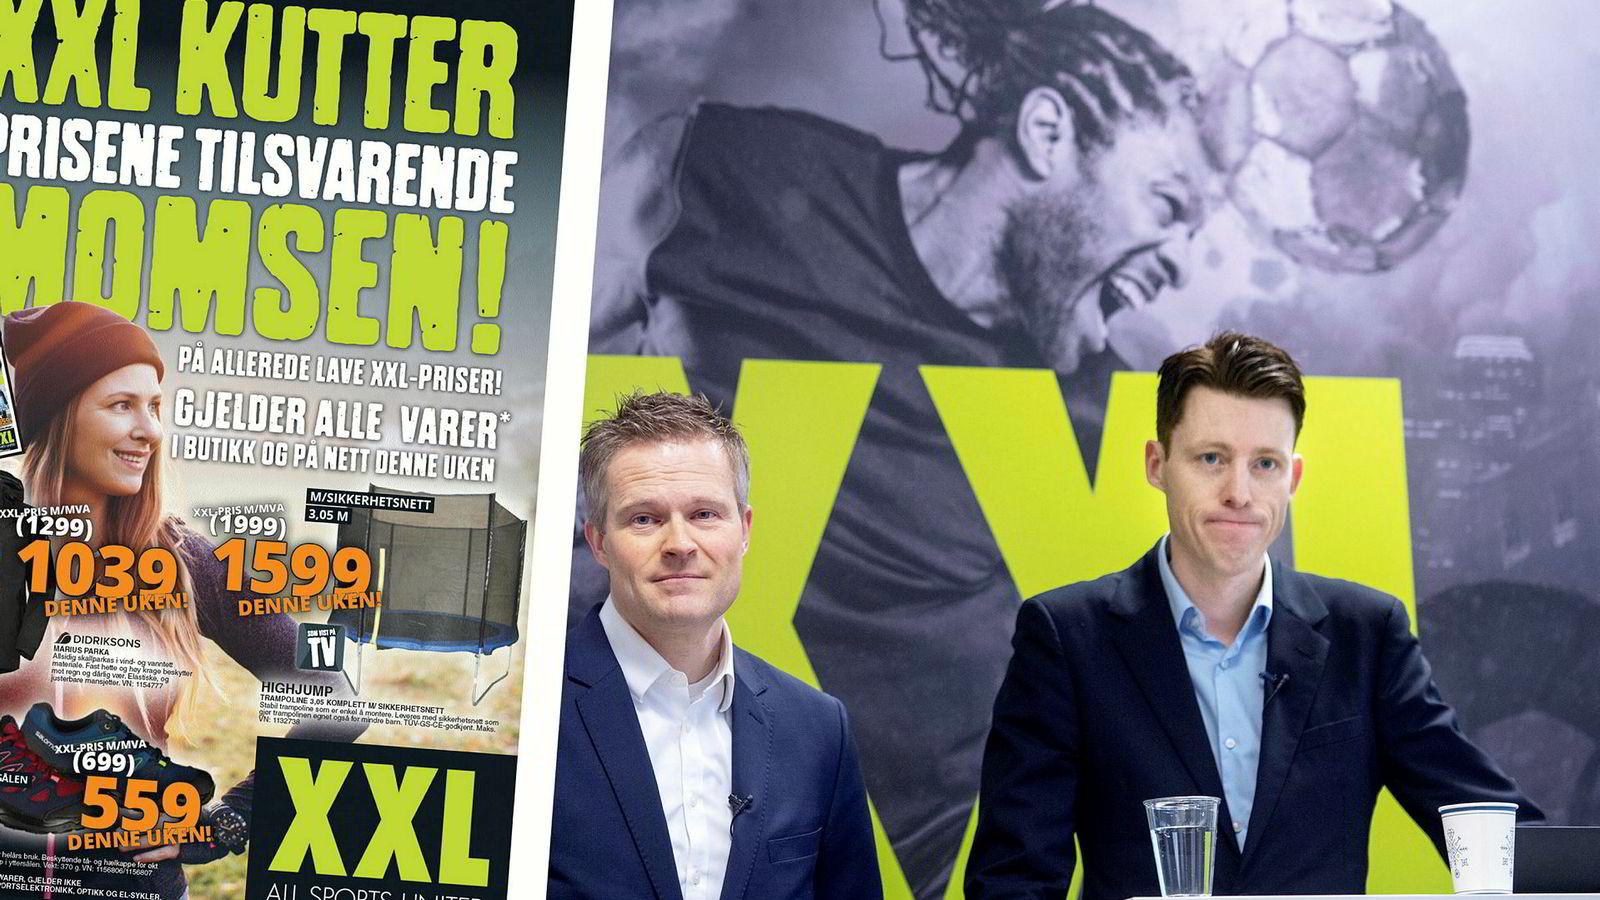 Finansdirektør Stein Eriksen (til venstre) og administrerende direktør Tolle Grøterud i XXL har fått Forbrukertilsynet på nakken etter en reklamekampanje.